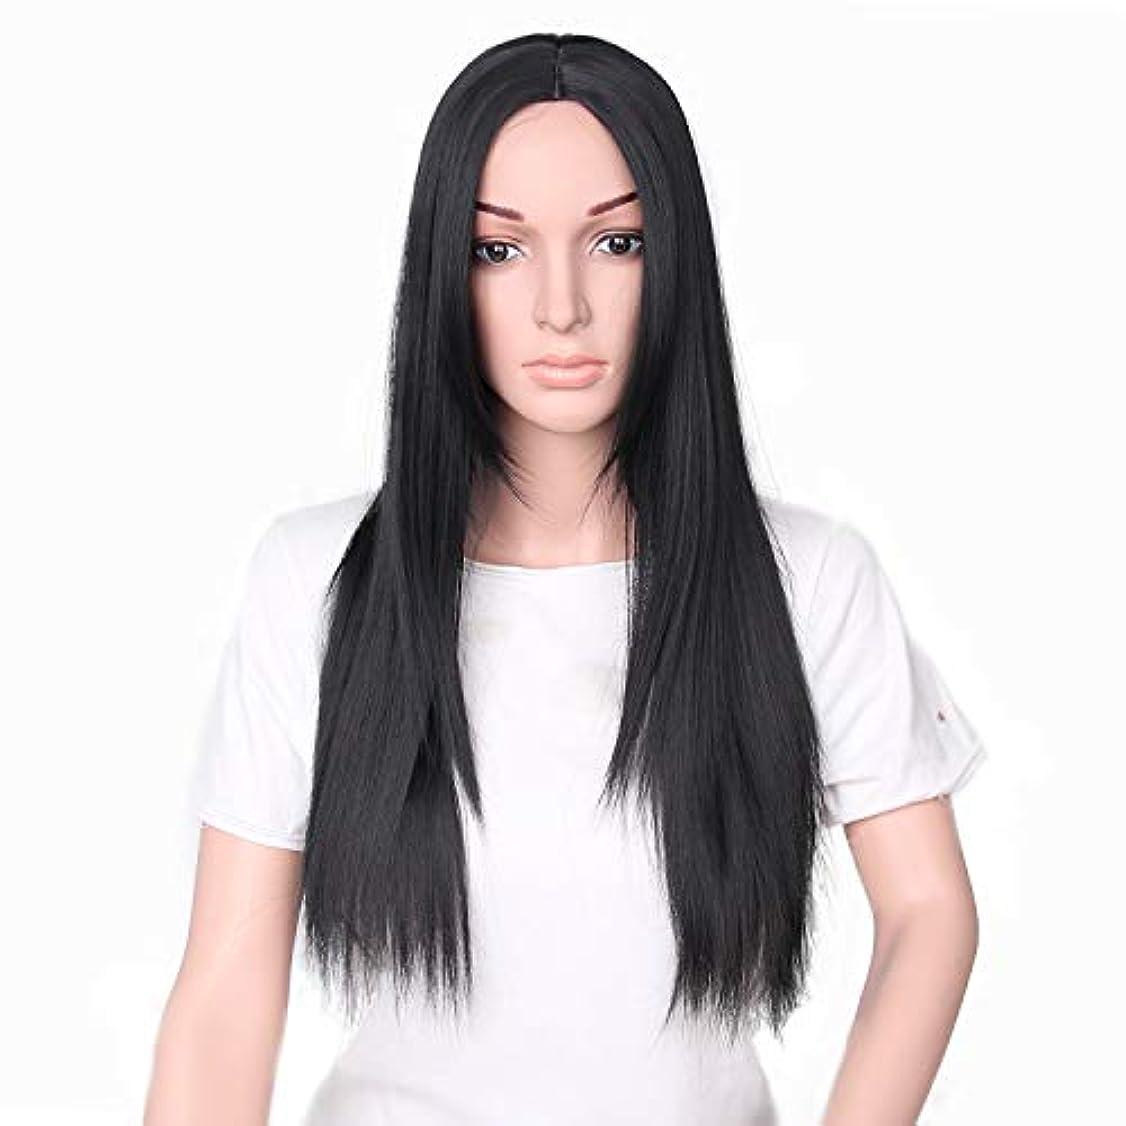 実験をする疎外モロニックYZUEYT 66cm女性ナチュラルセンター分割ロングストレートブラックヘアウィッグ YZUEYT (Size : One size)